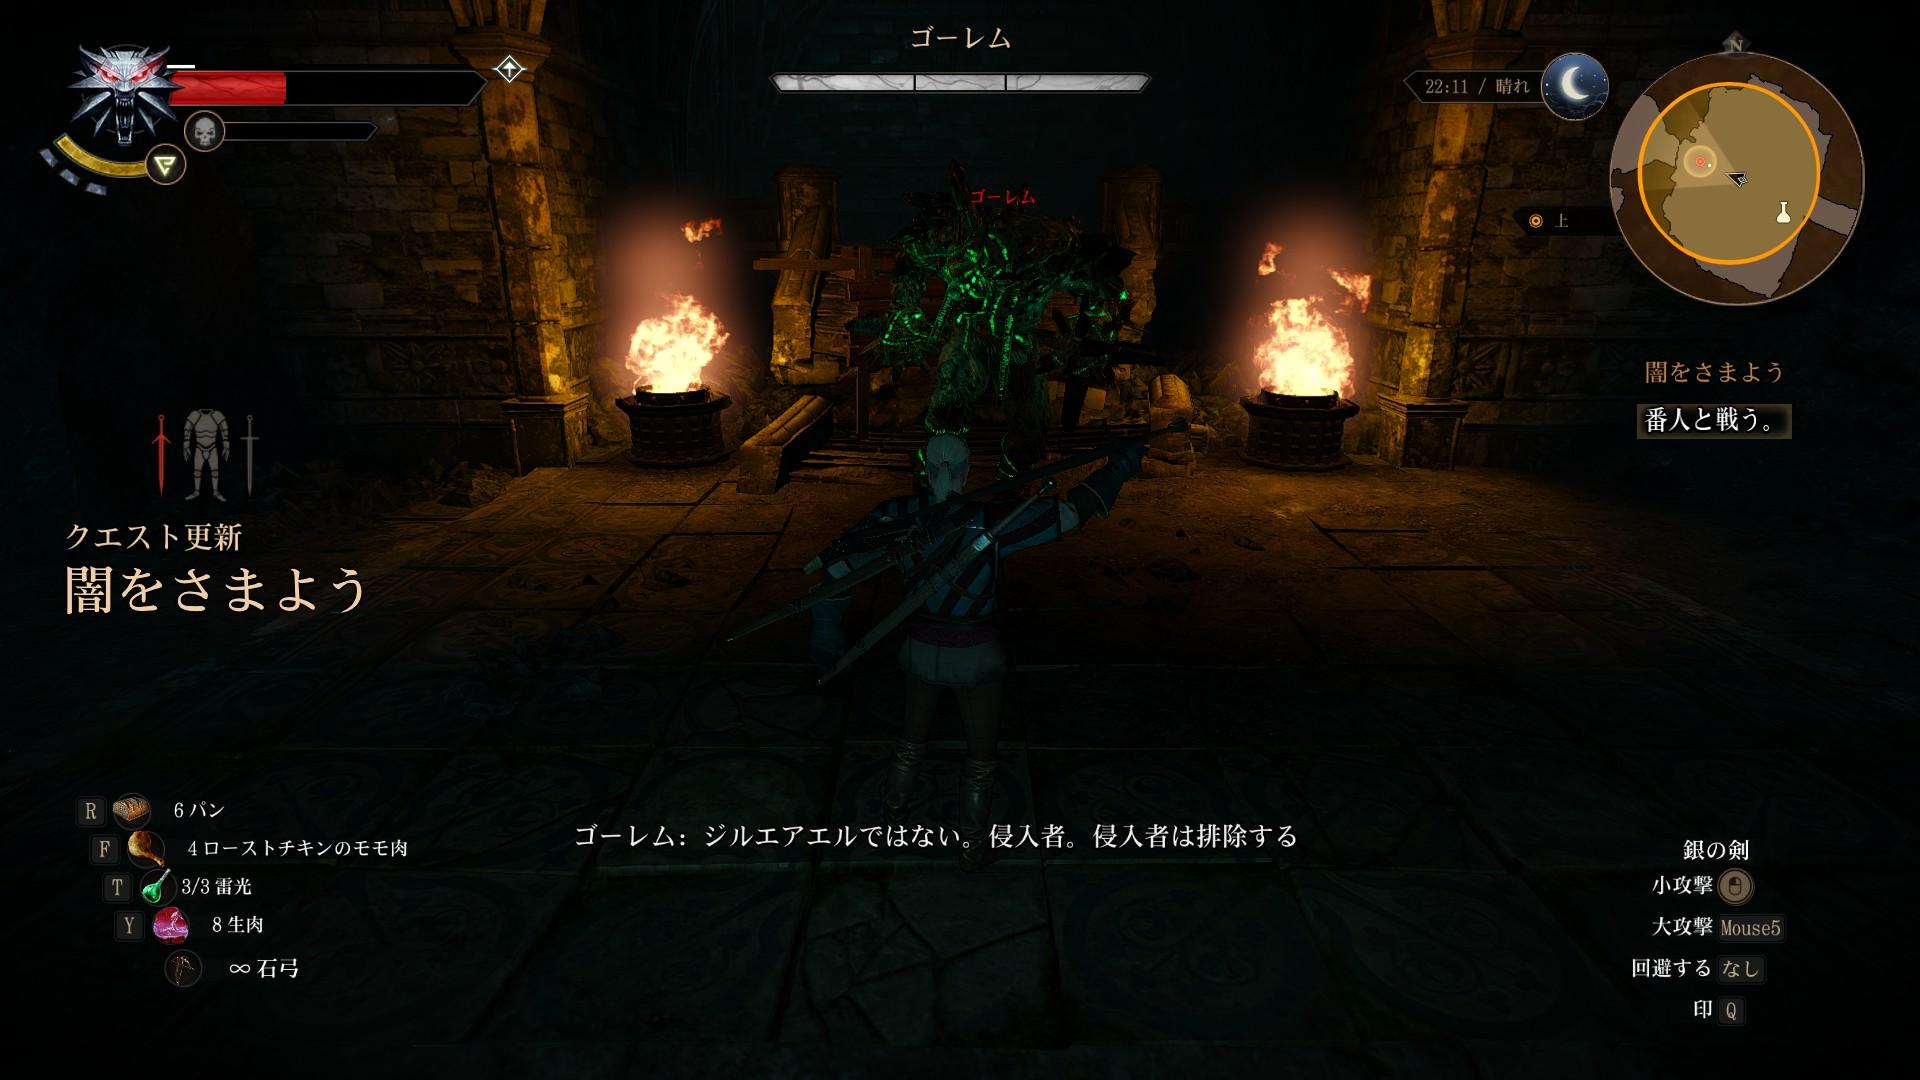 witcher3_07.jpg